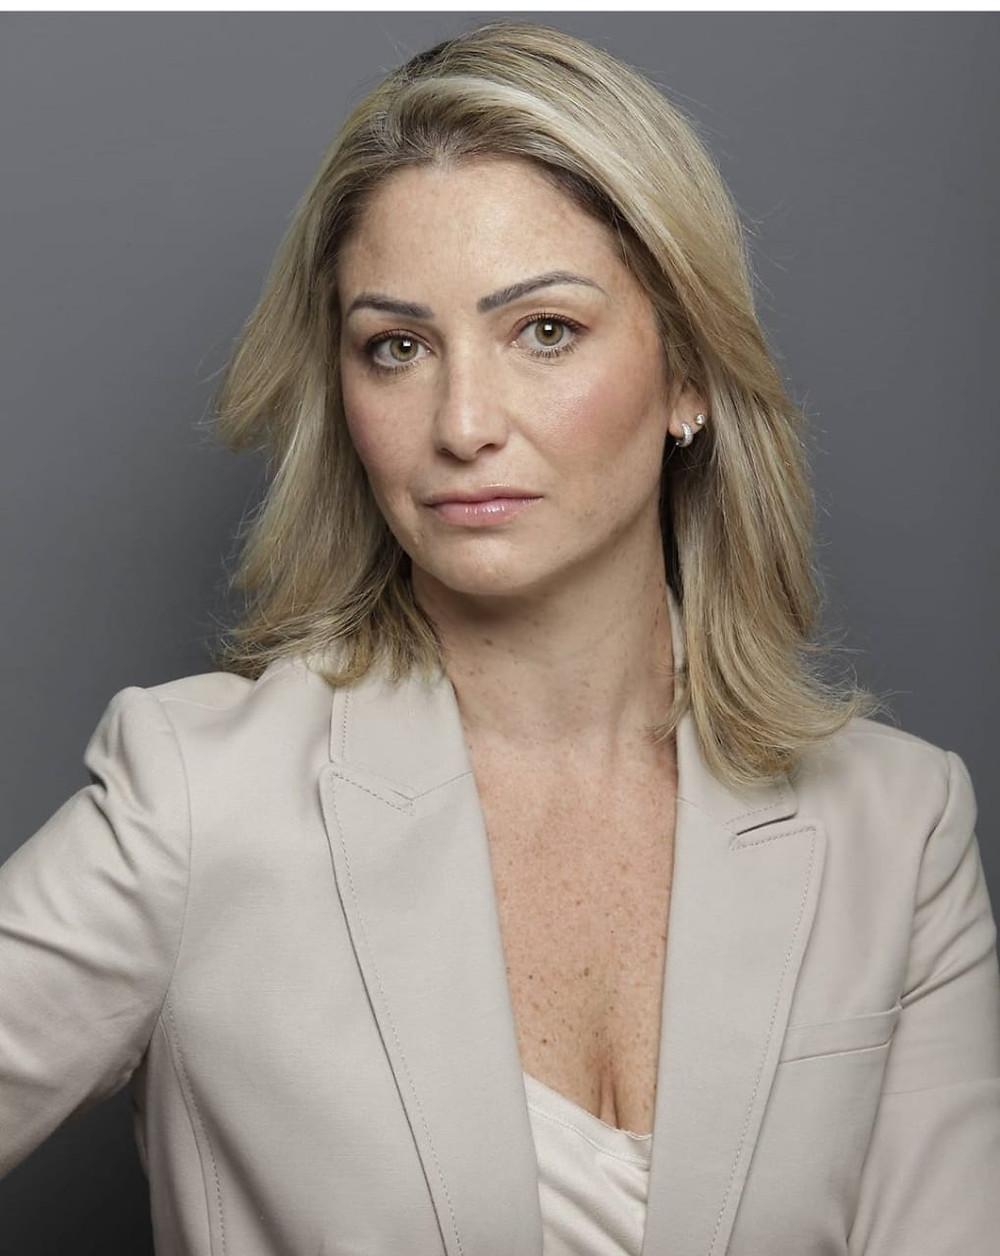 Meillyn Lemos, psicóloga, consultora e colunista convidada da InPllace